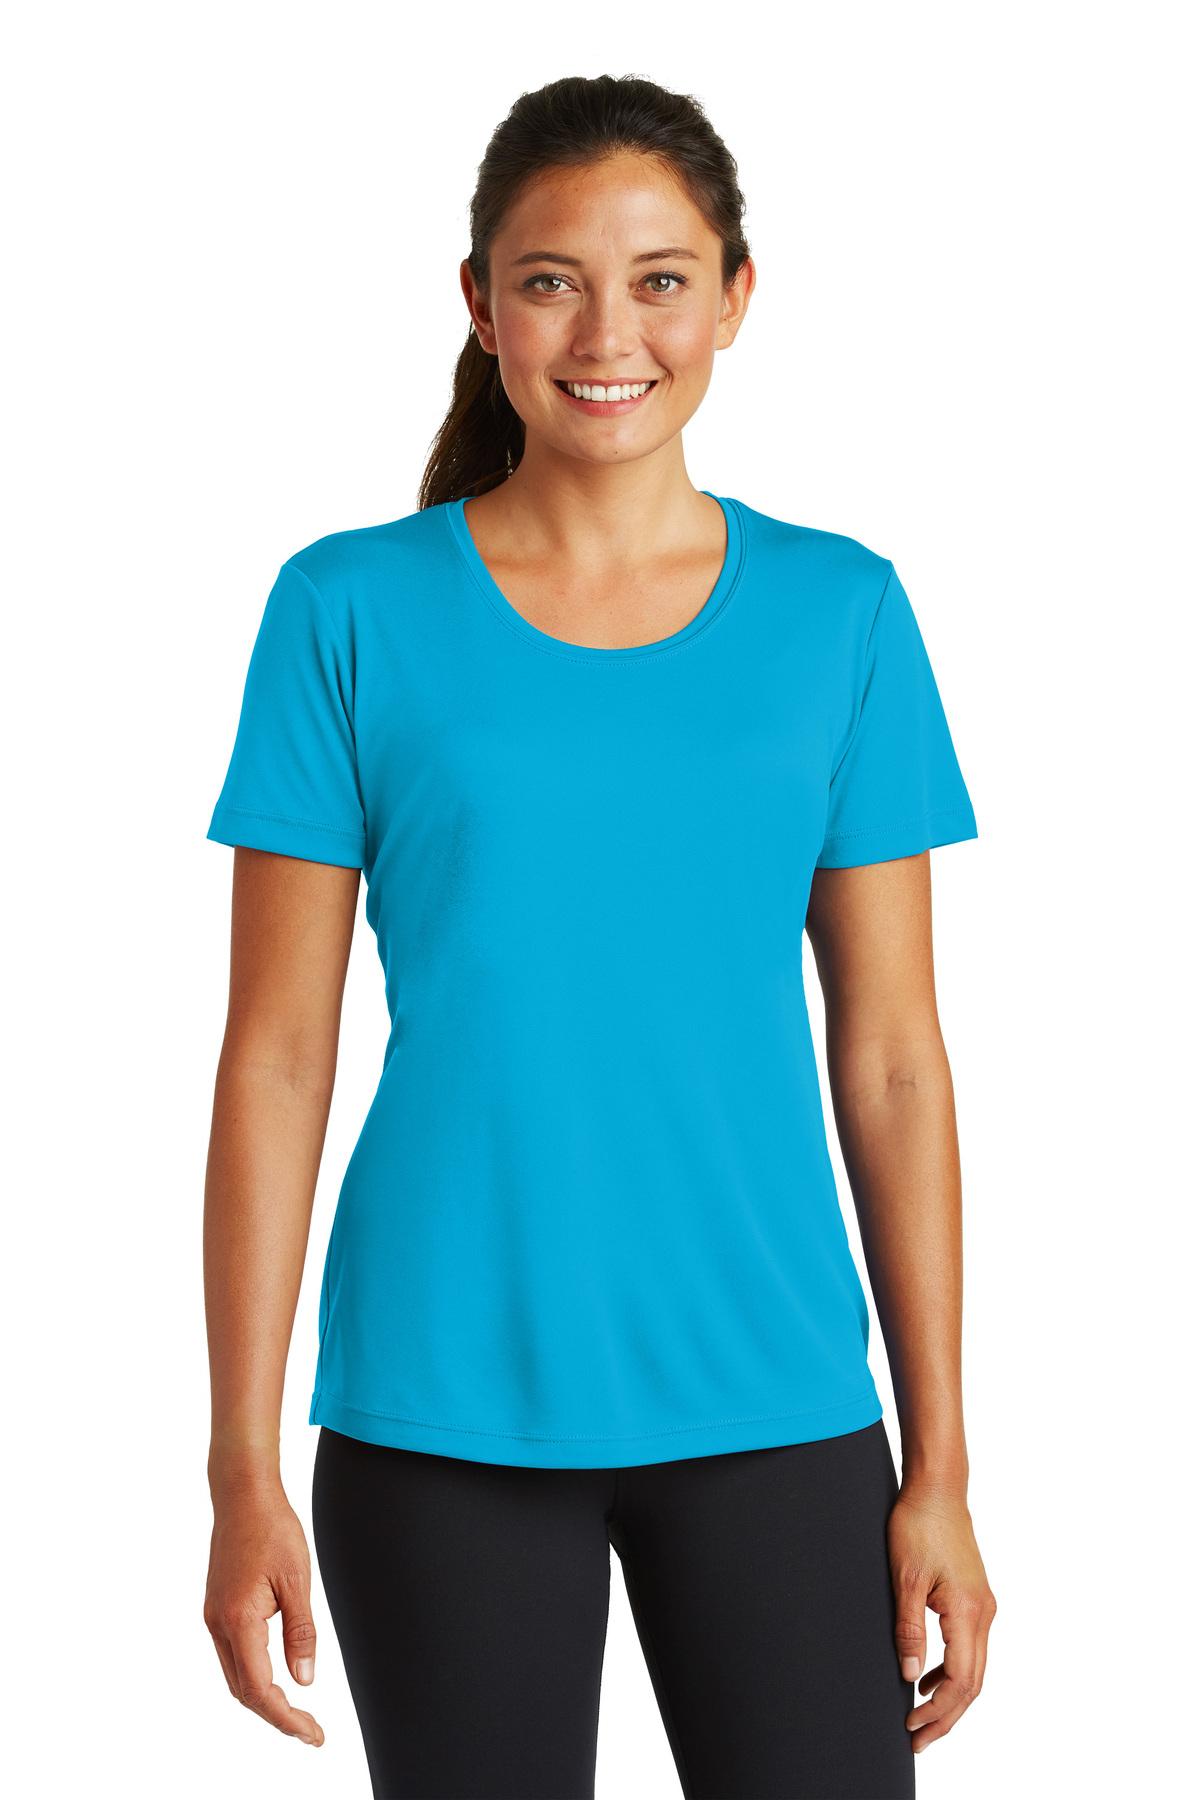 SWET Women's Short Sleeve Tech Shirt